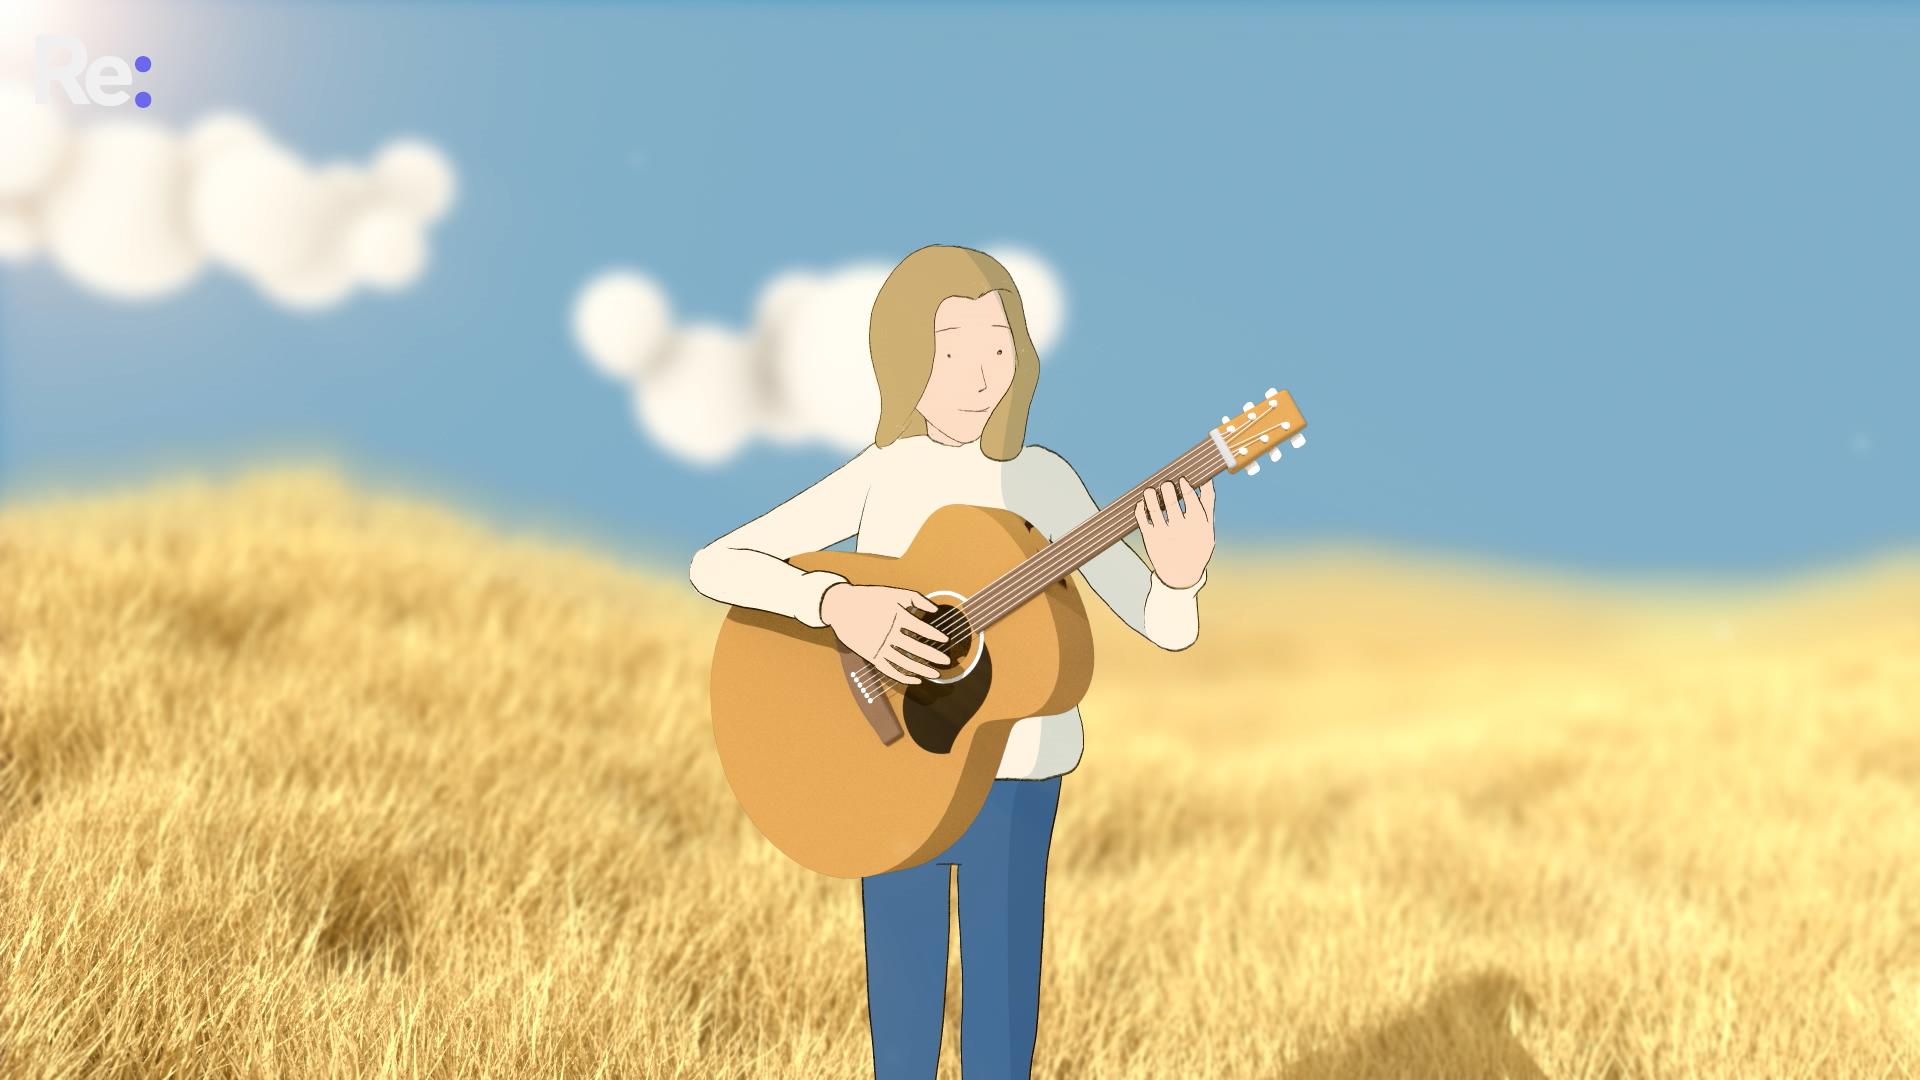 Holly-Singing-Still